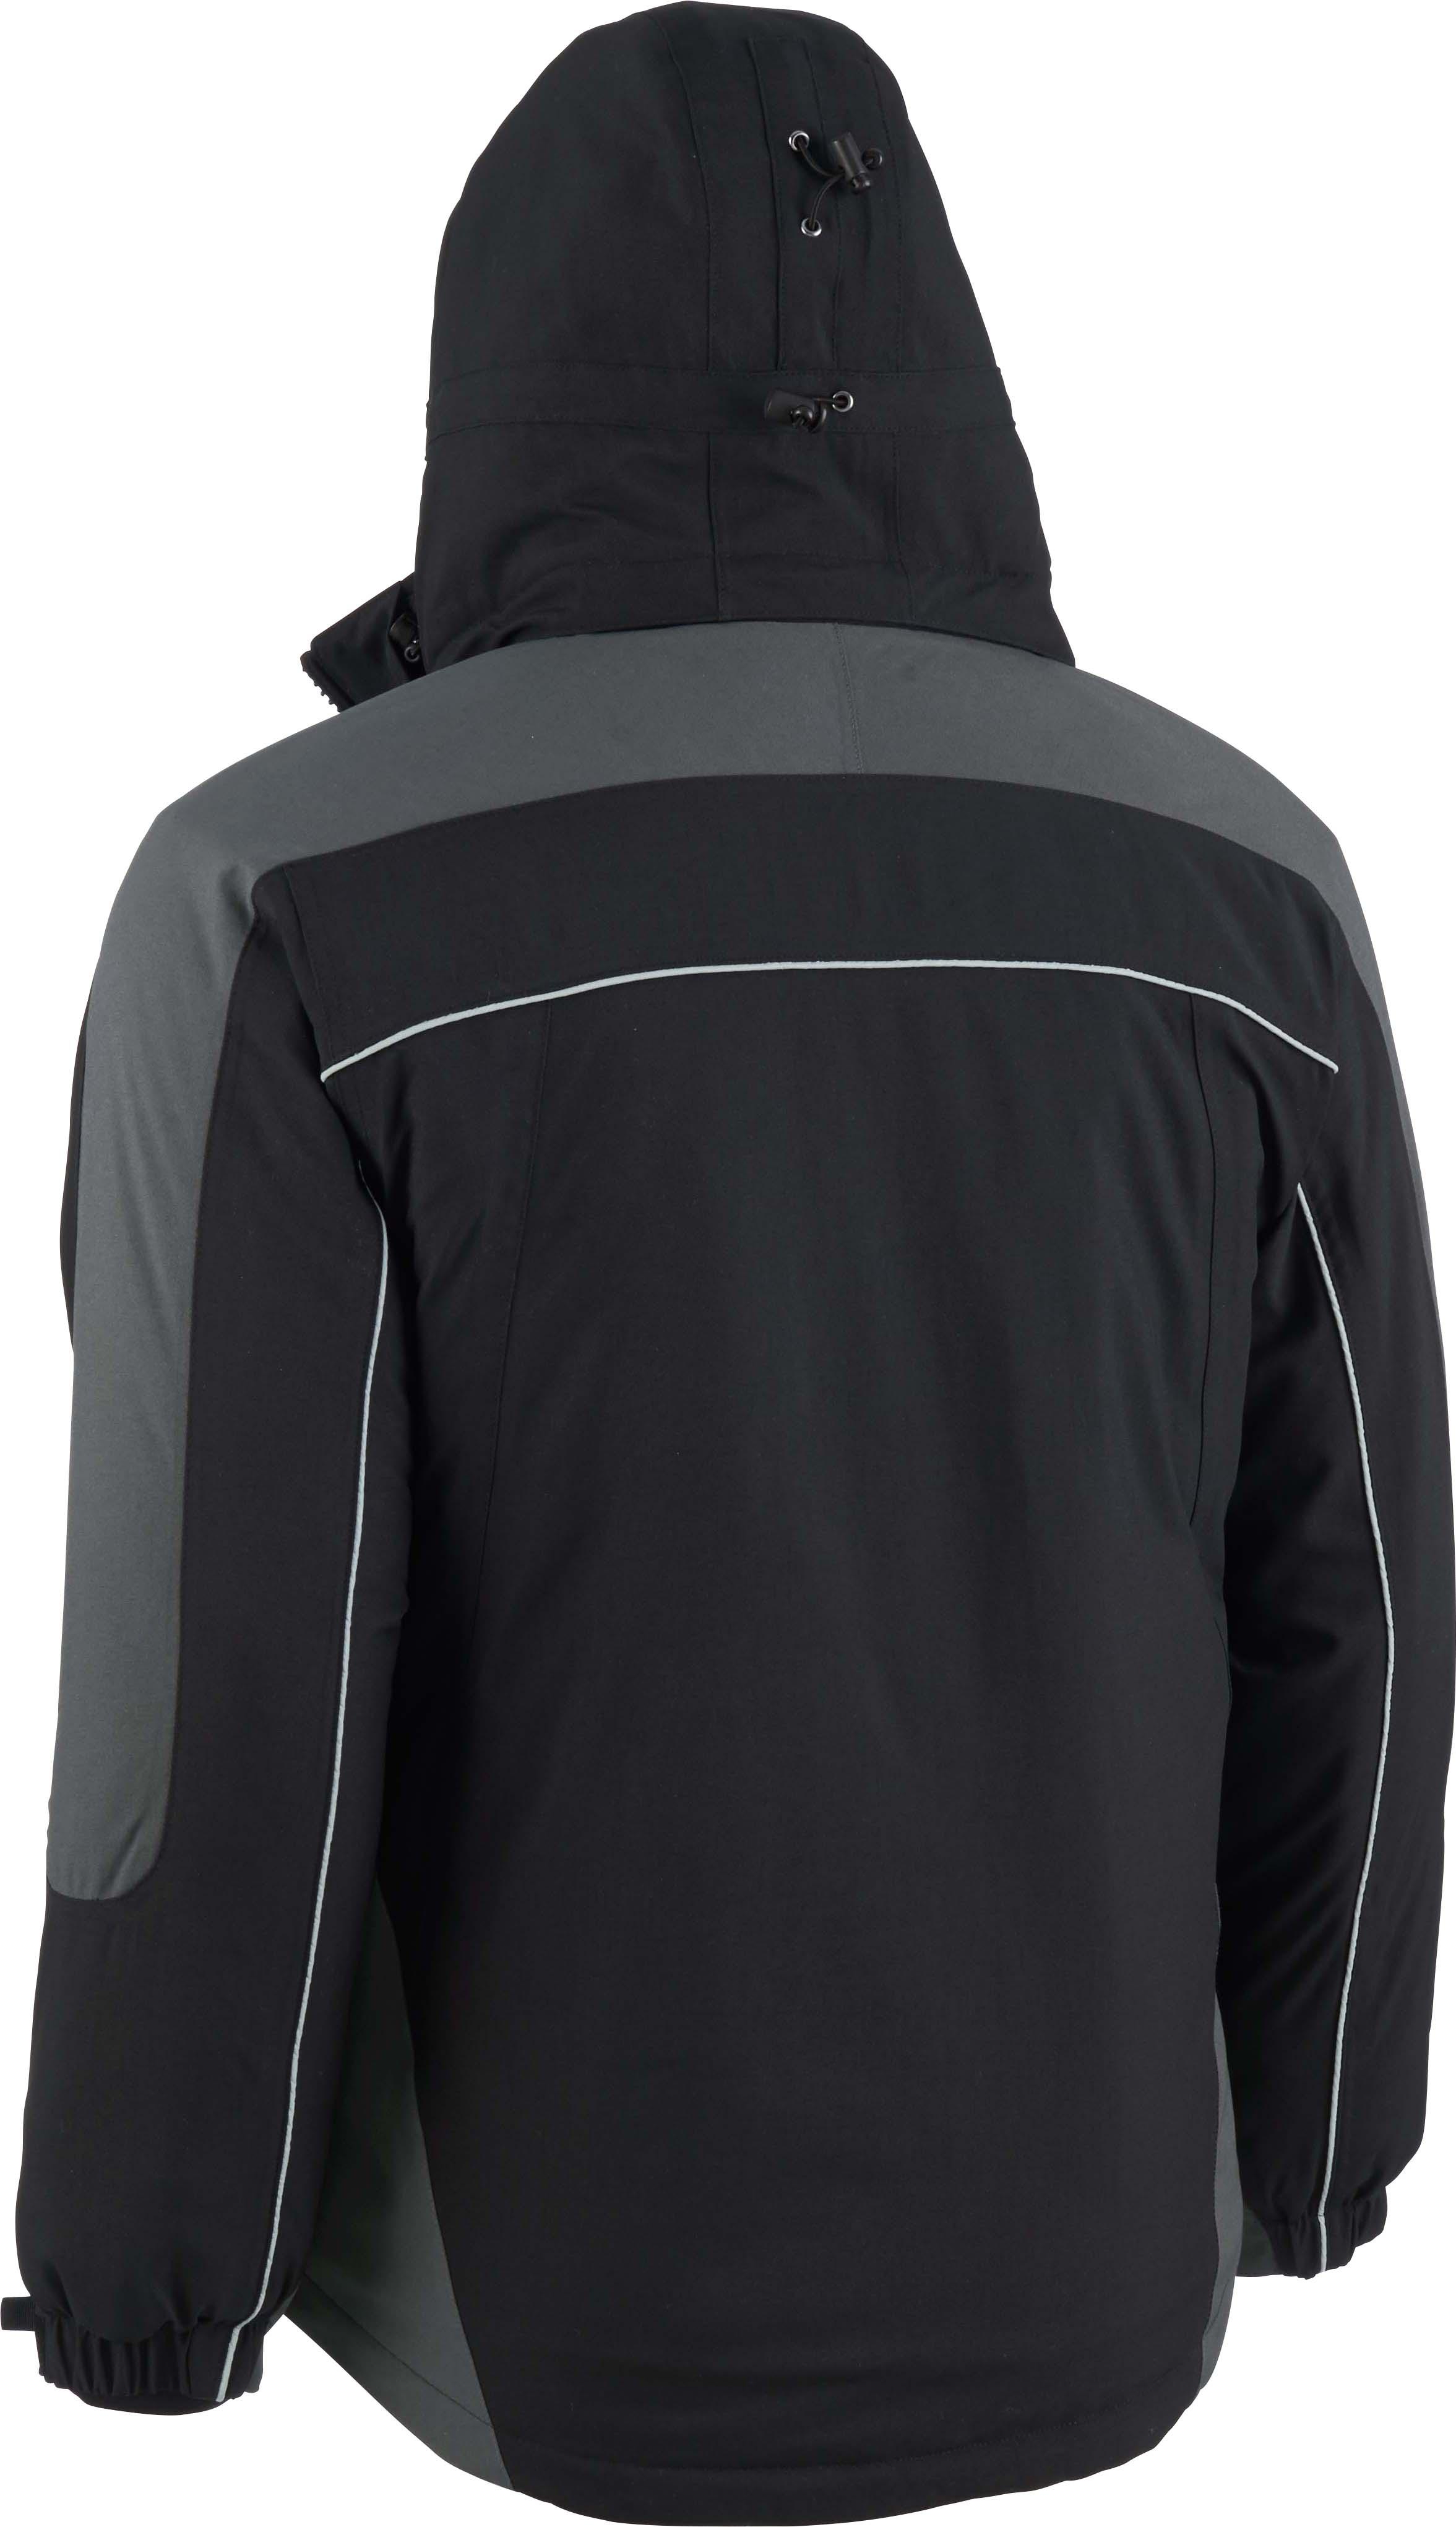 e18a6e3e90010 ... Men s Glacier Ridge Pro Series Winter Jacket